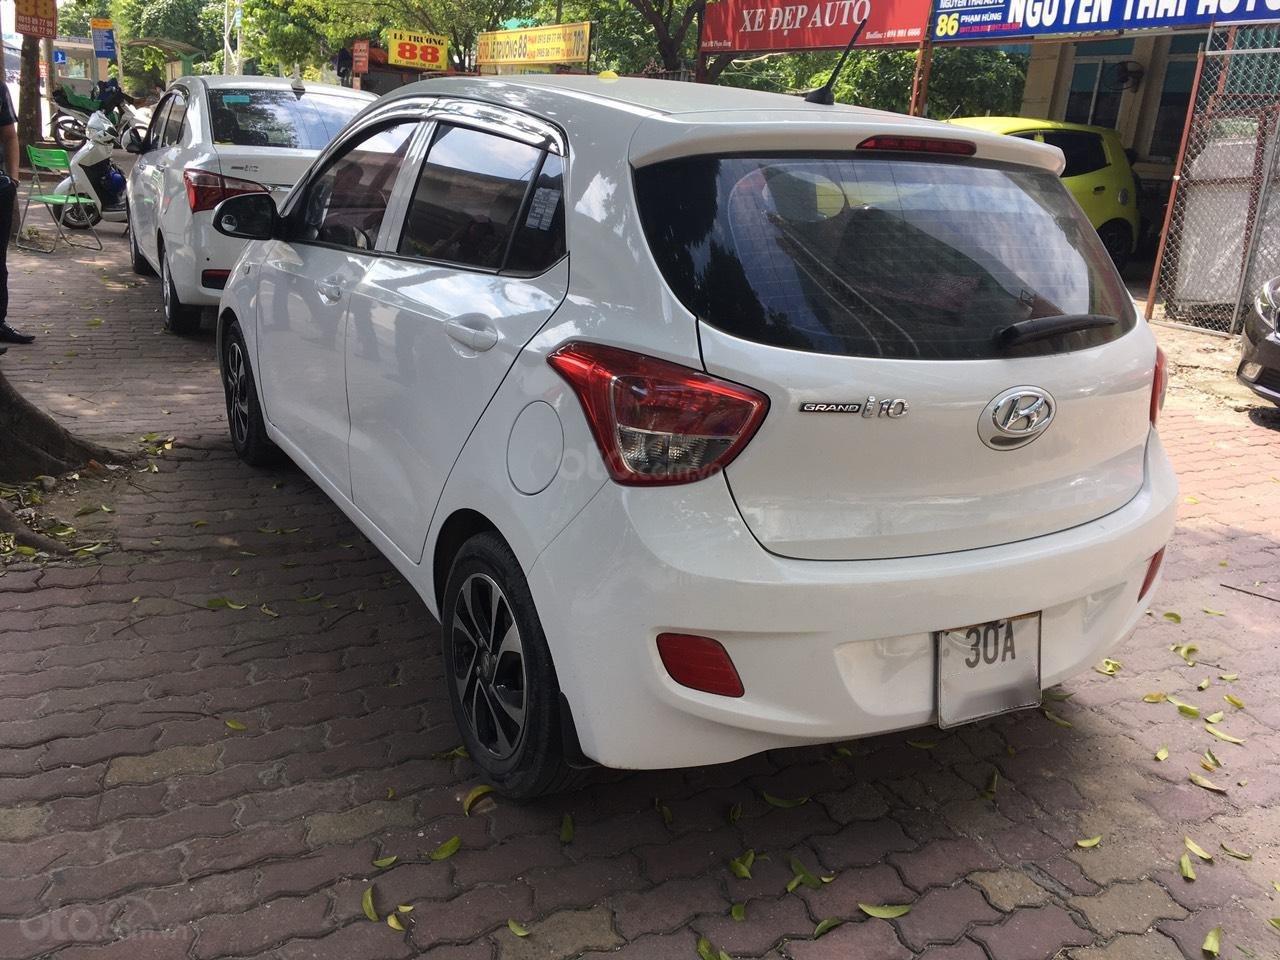 Cần bán xe Hyundai Grand i10 đời 2014, giá tốt (5)